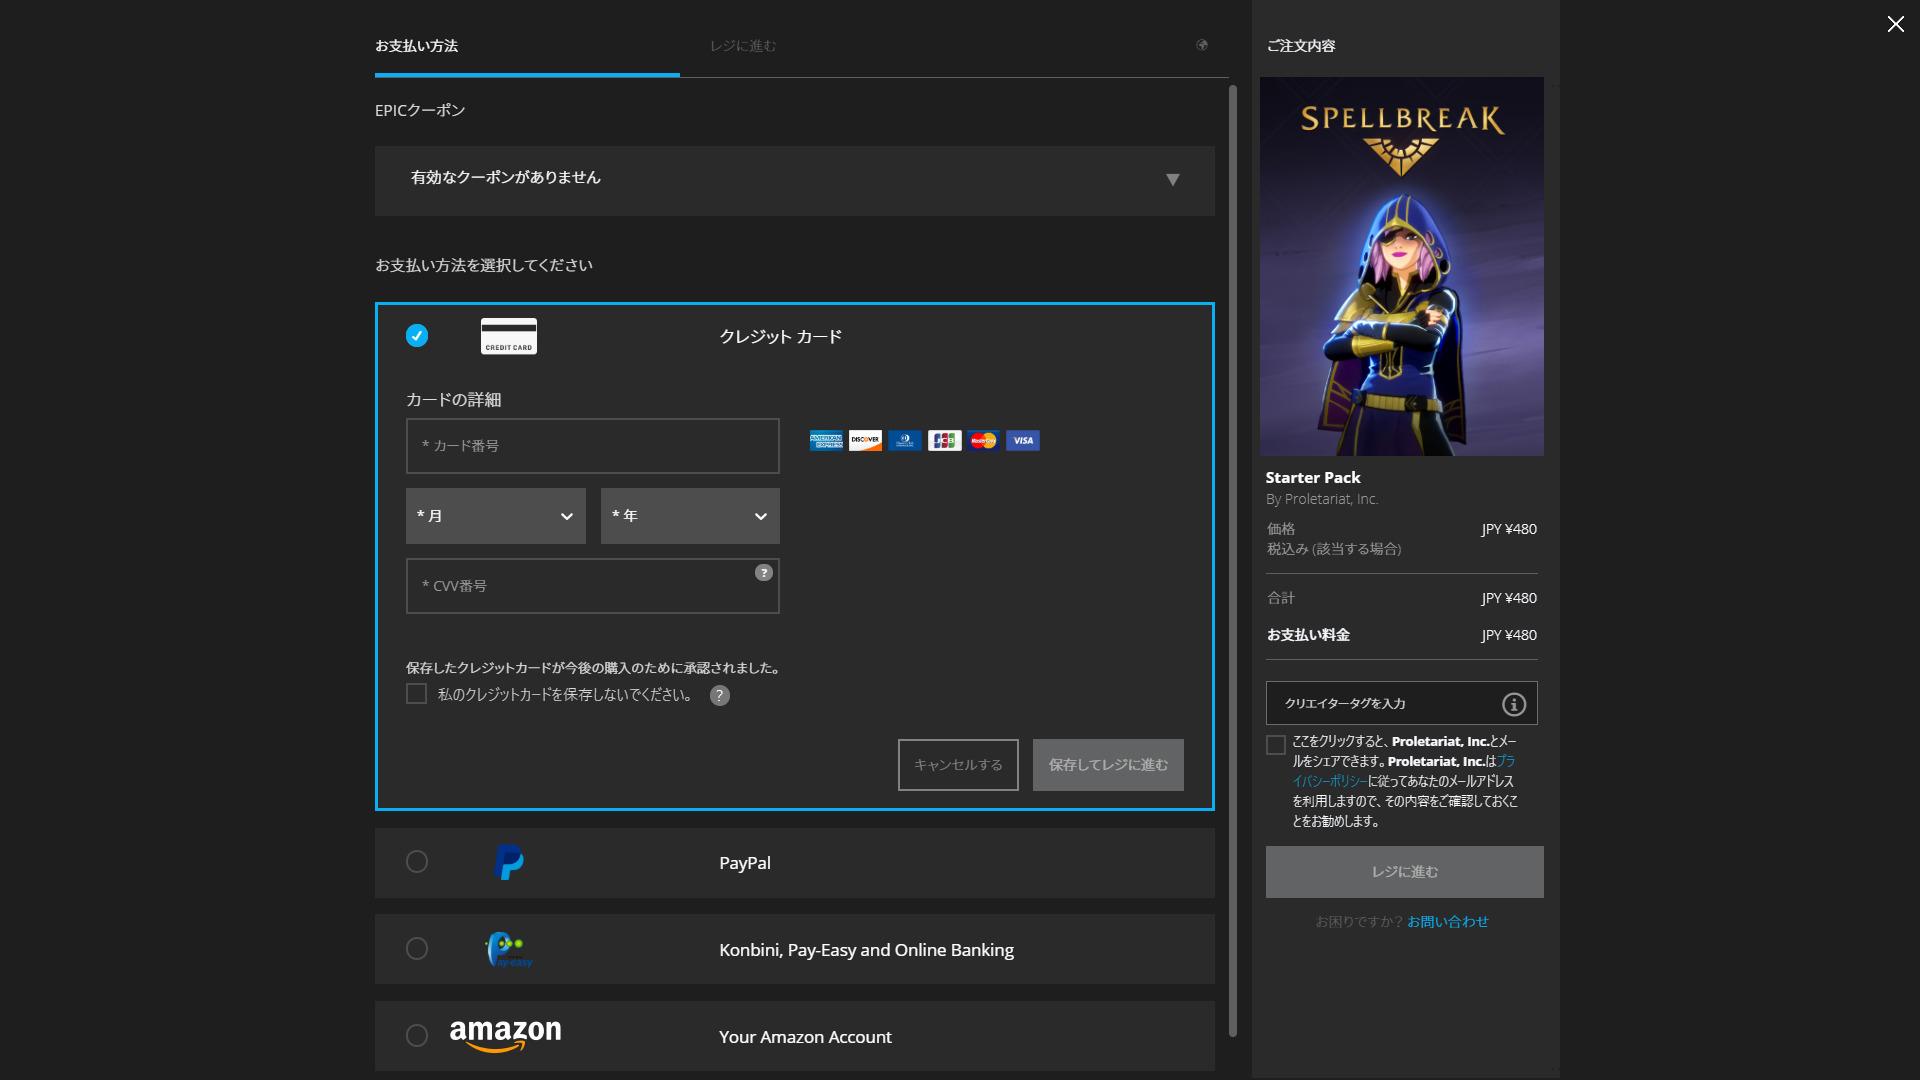 【PC版PC版スペルブレイク 課金方法と支払方法の種類を解説スペルブレイク】ゴールド 課金方法を徹底解説